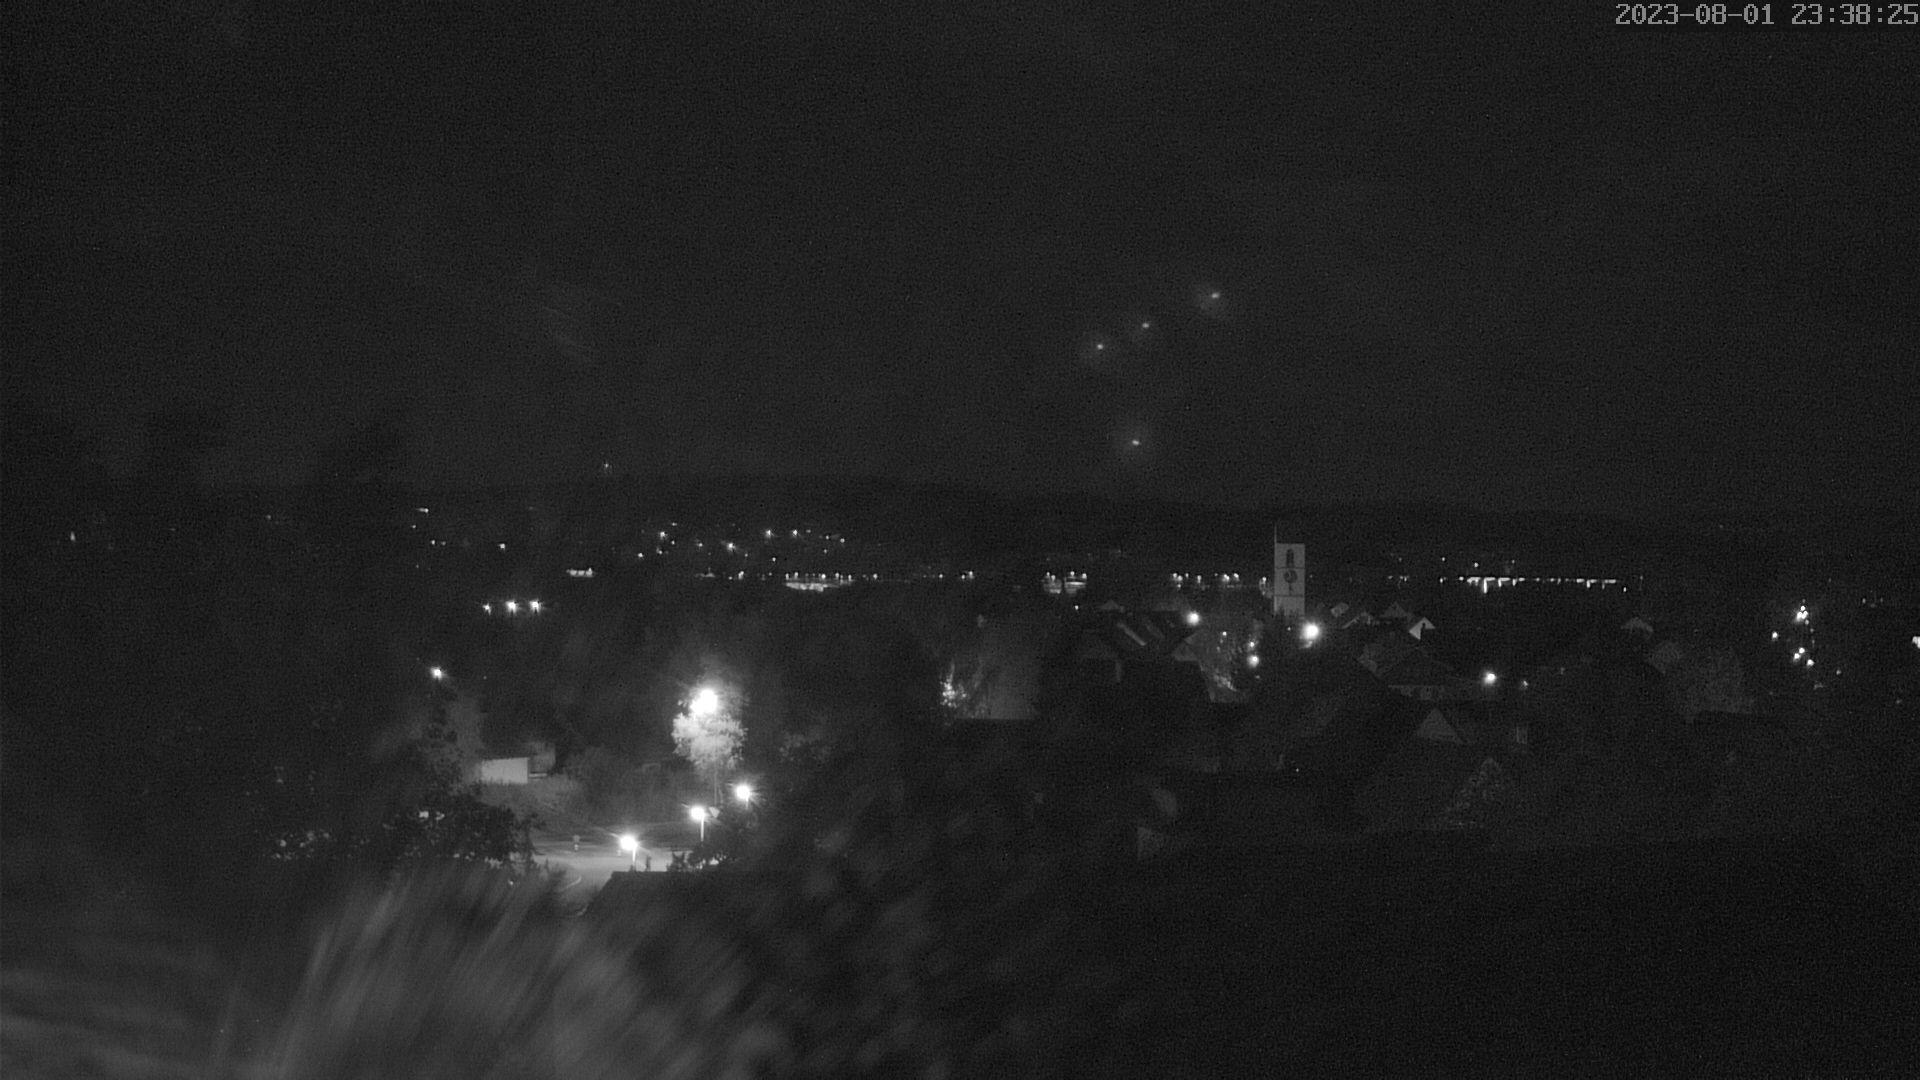 Webkamera Wiesendangen / Mühle und Oberhof › South-West: Wie